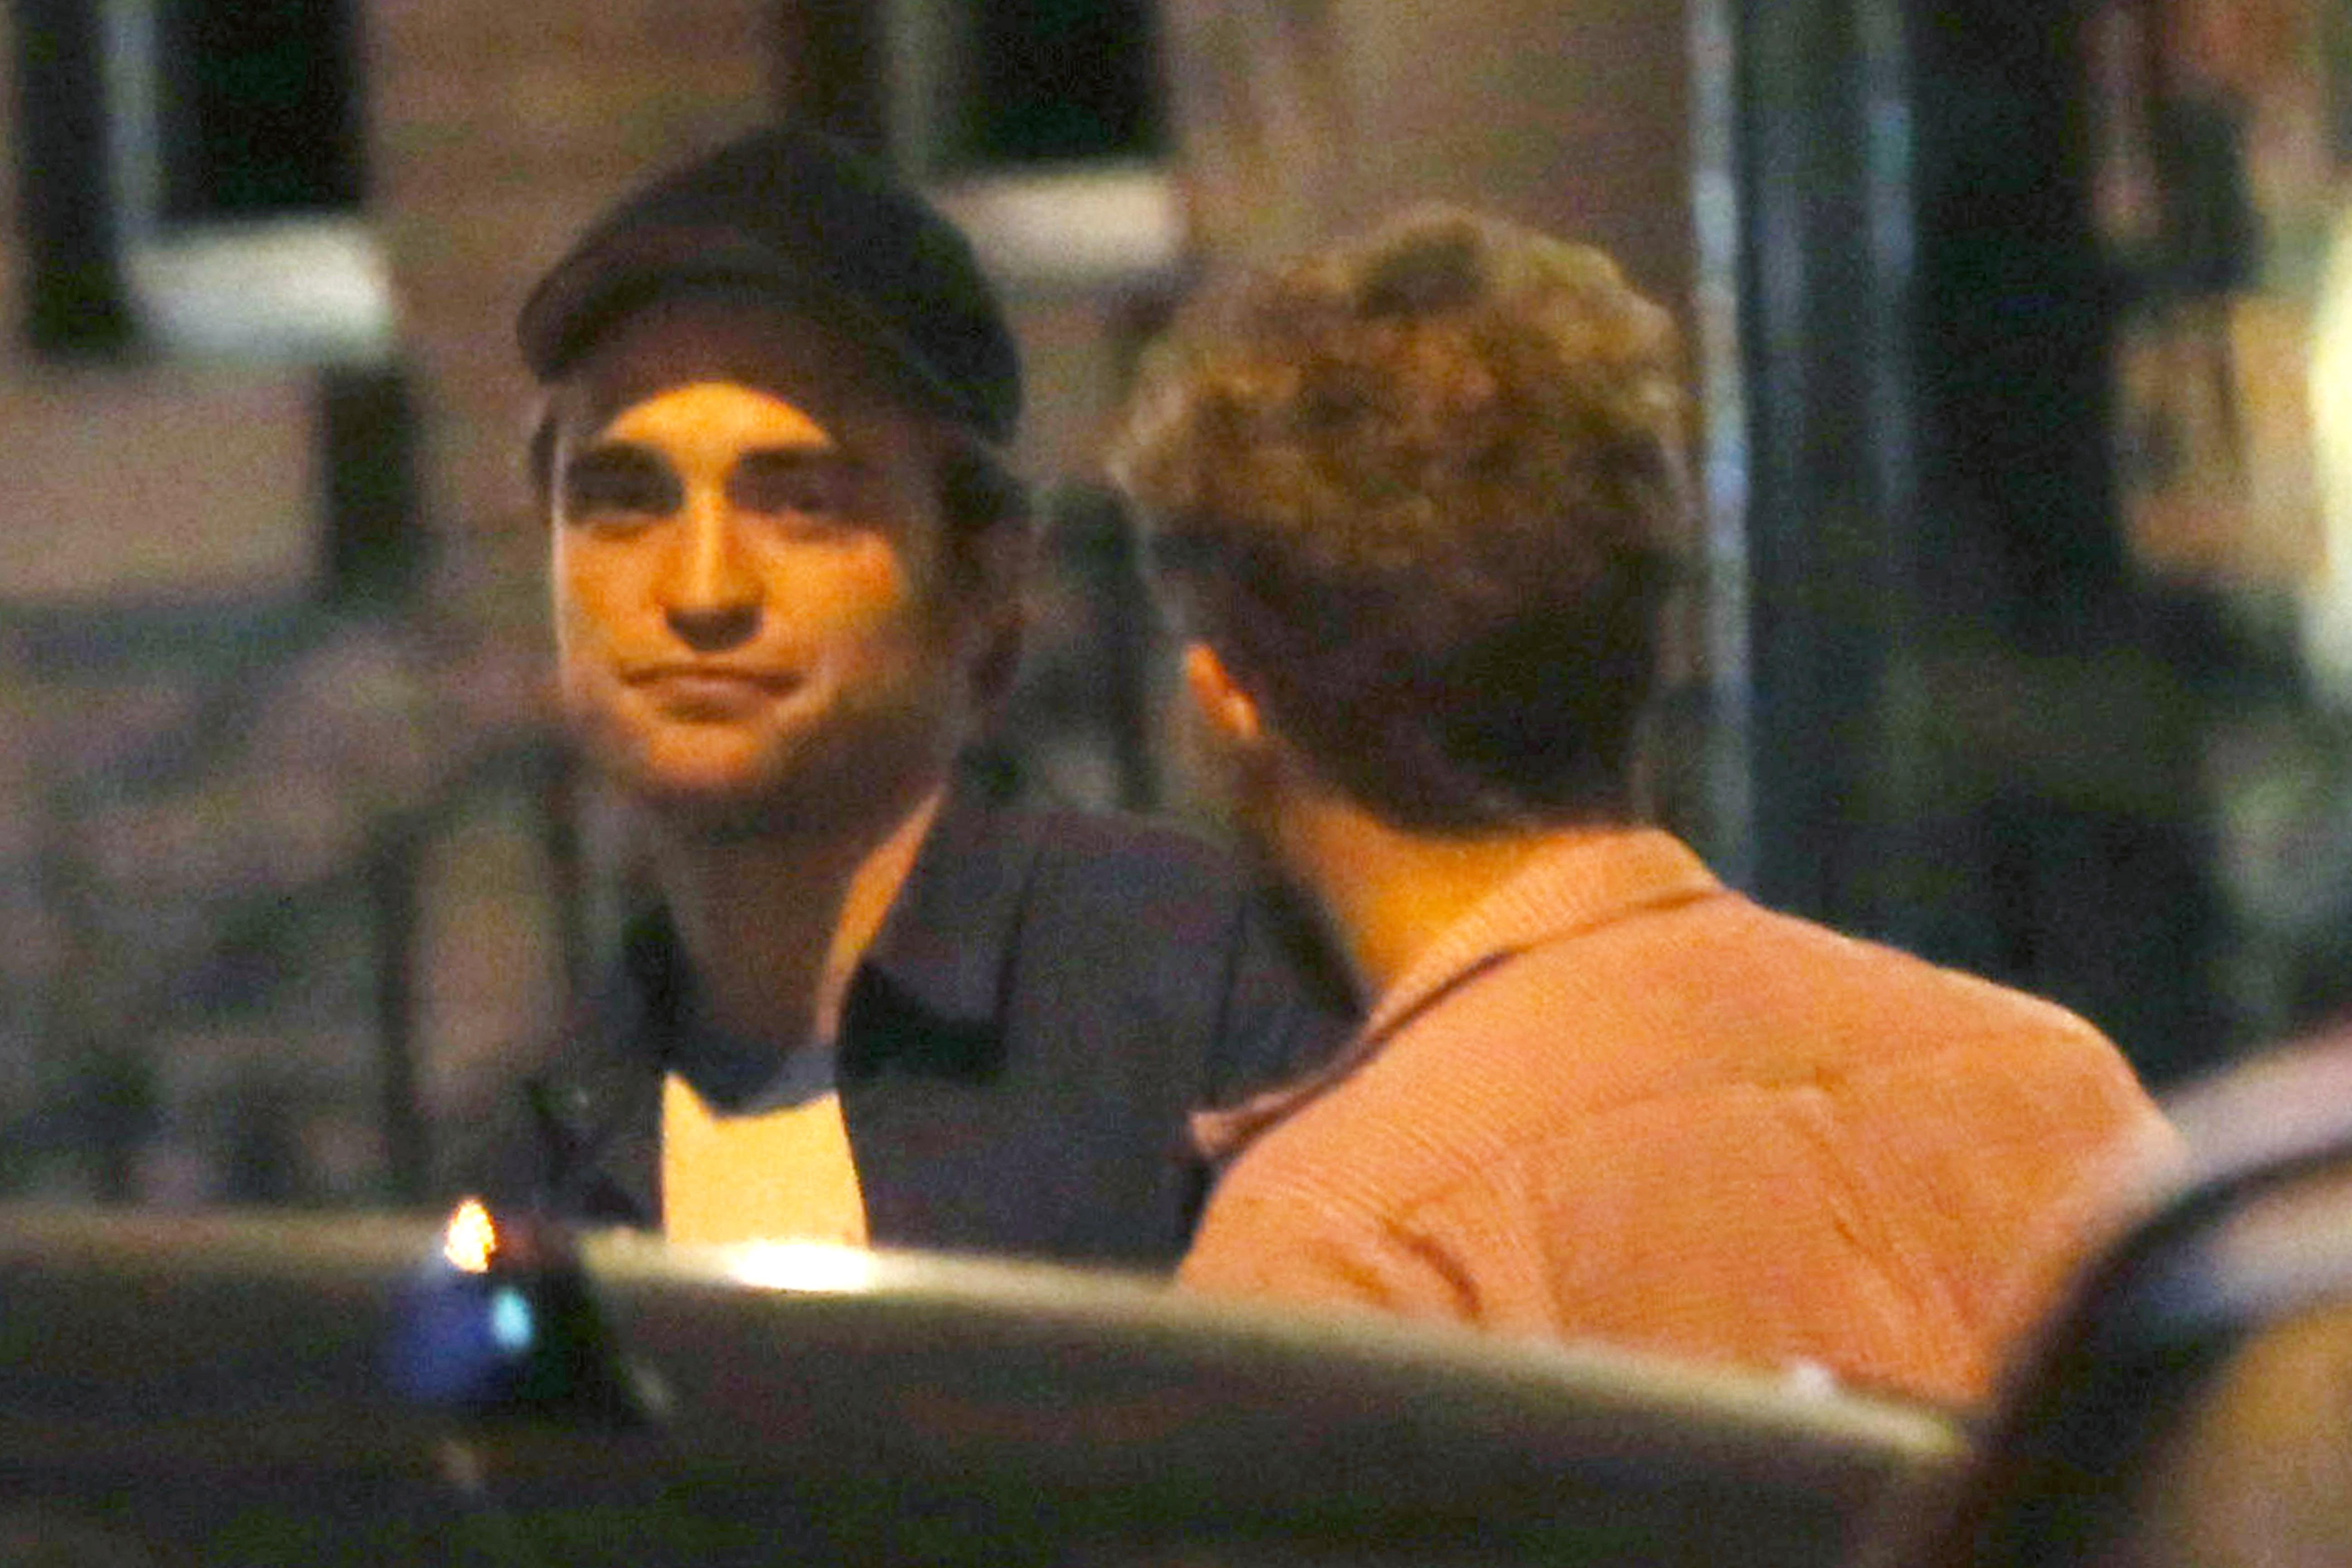 Fotos de Robert Pattinson em Nova York dias 28 e 29 de Agosto